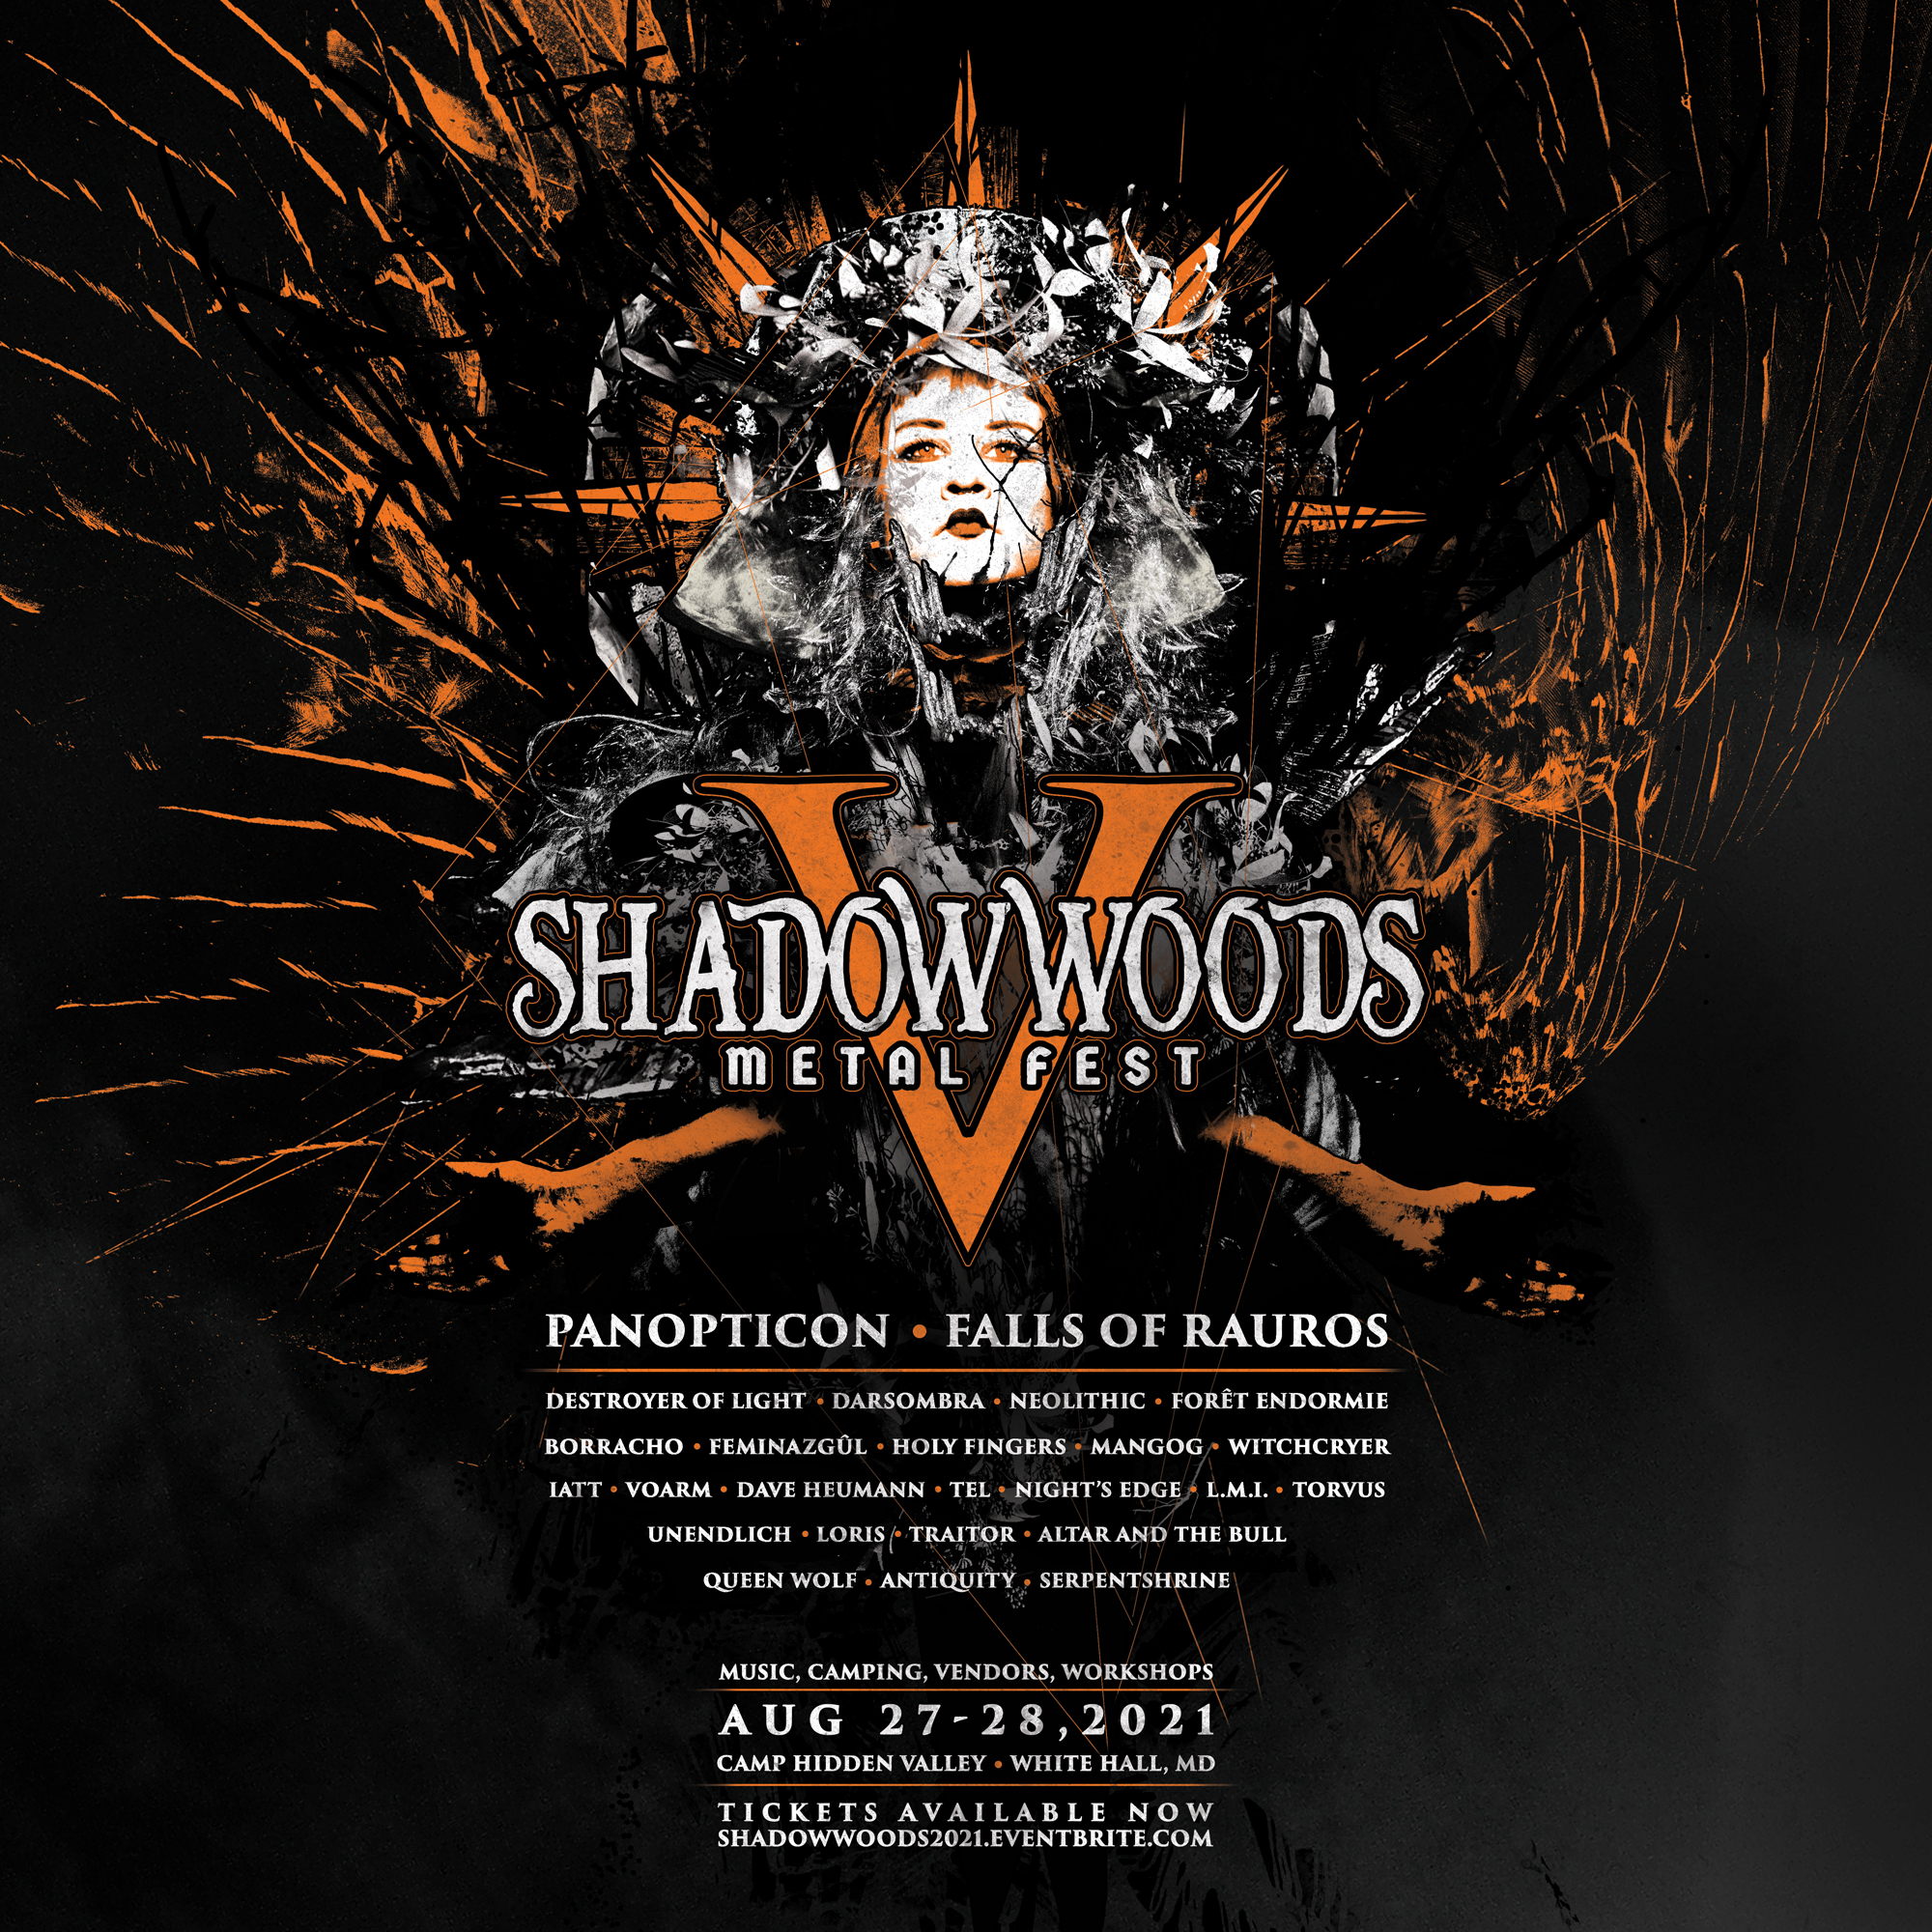 ShadowWoods2021PosterLINEUP_2000x20003.jpg